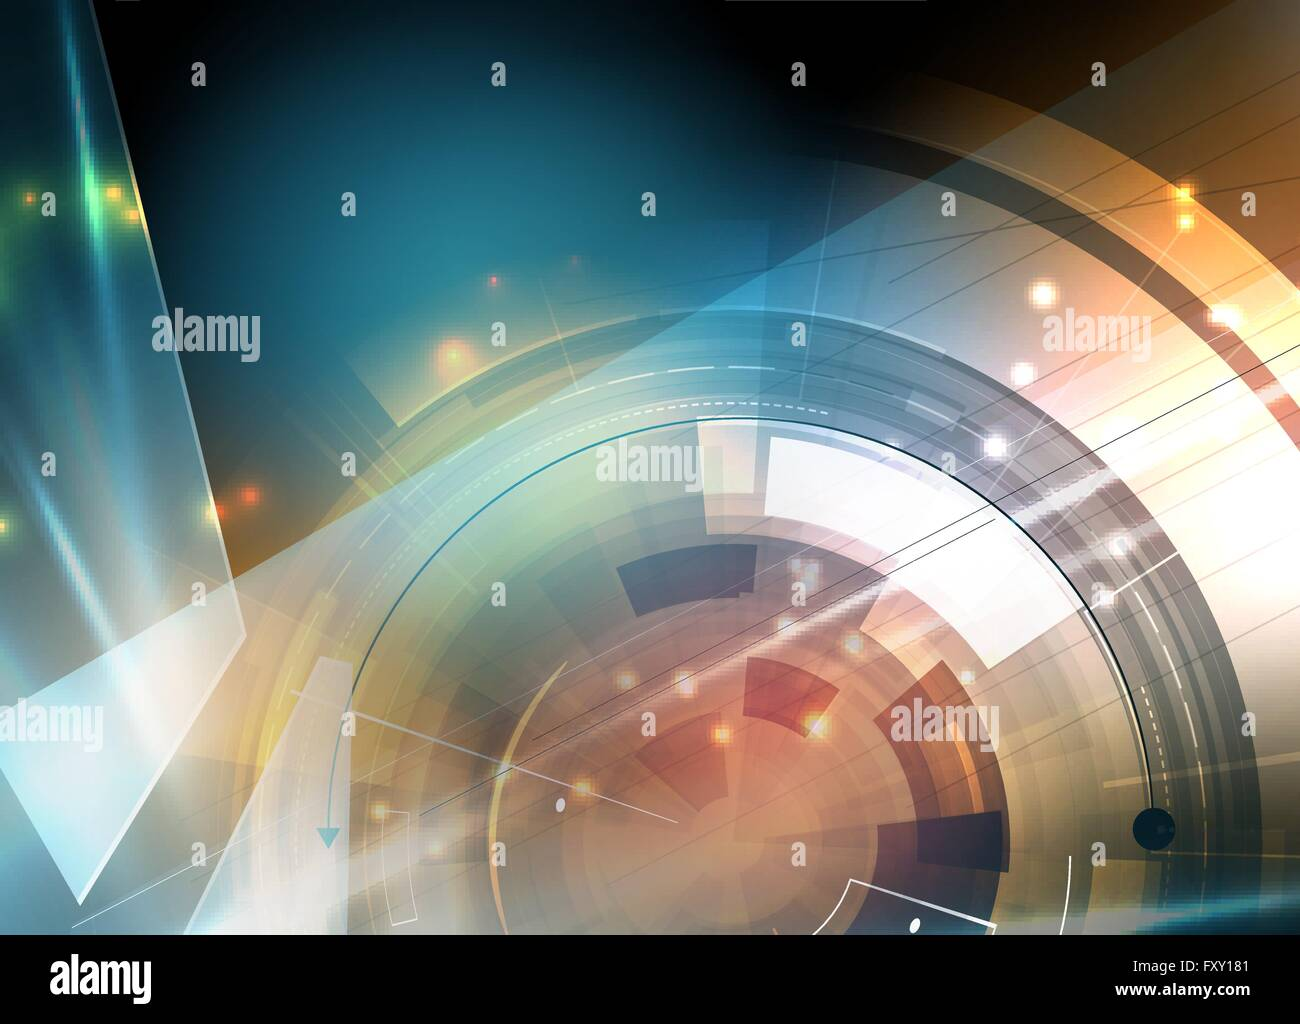 La tecnología del futuro científico. Para la presentación del negocio. Folleto, póster Antecedentes Imagen De Stock